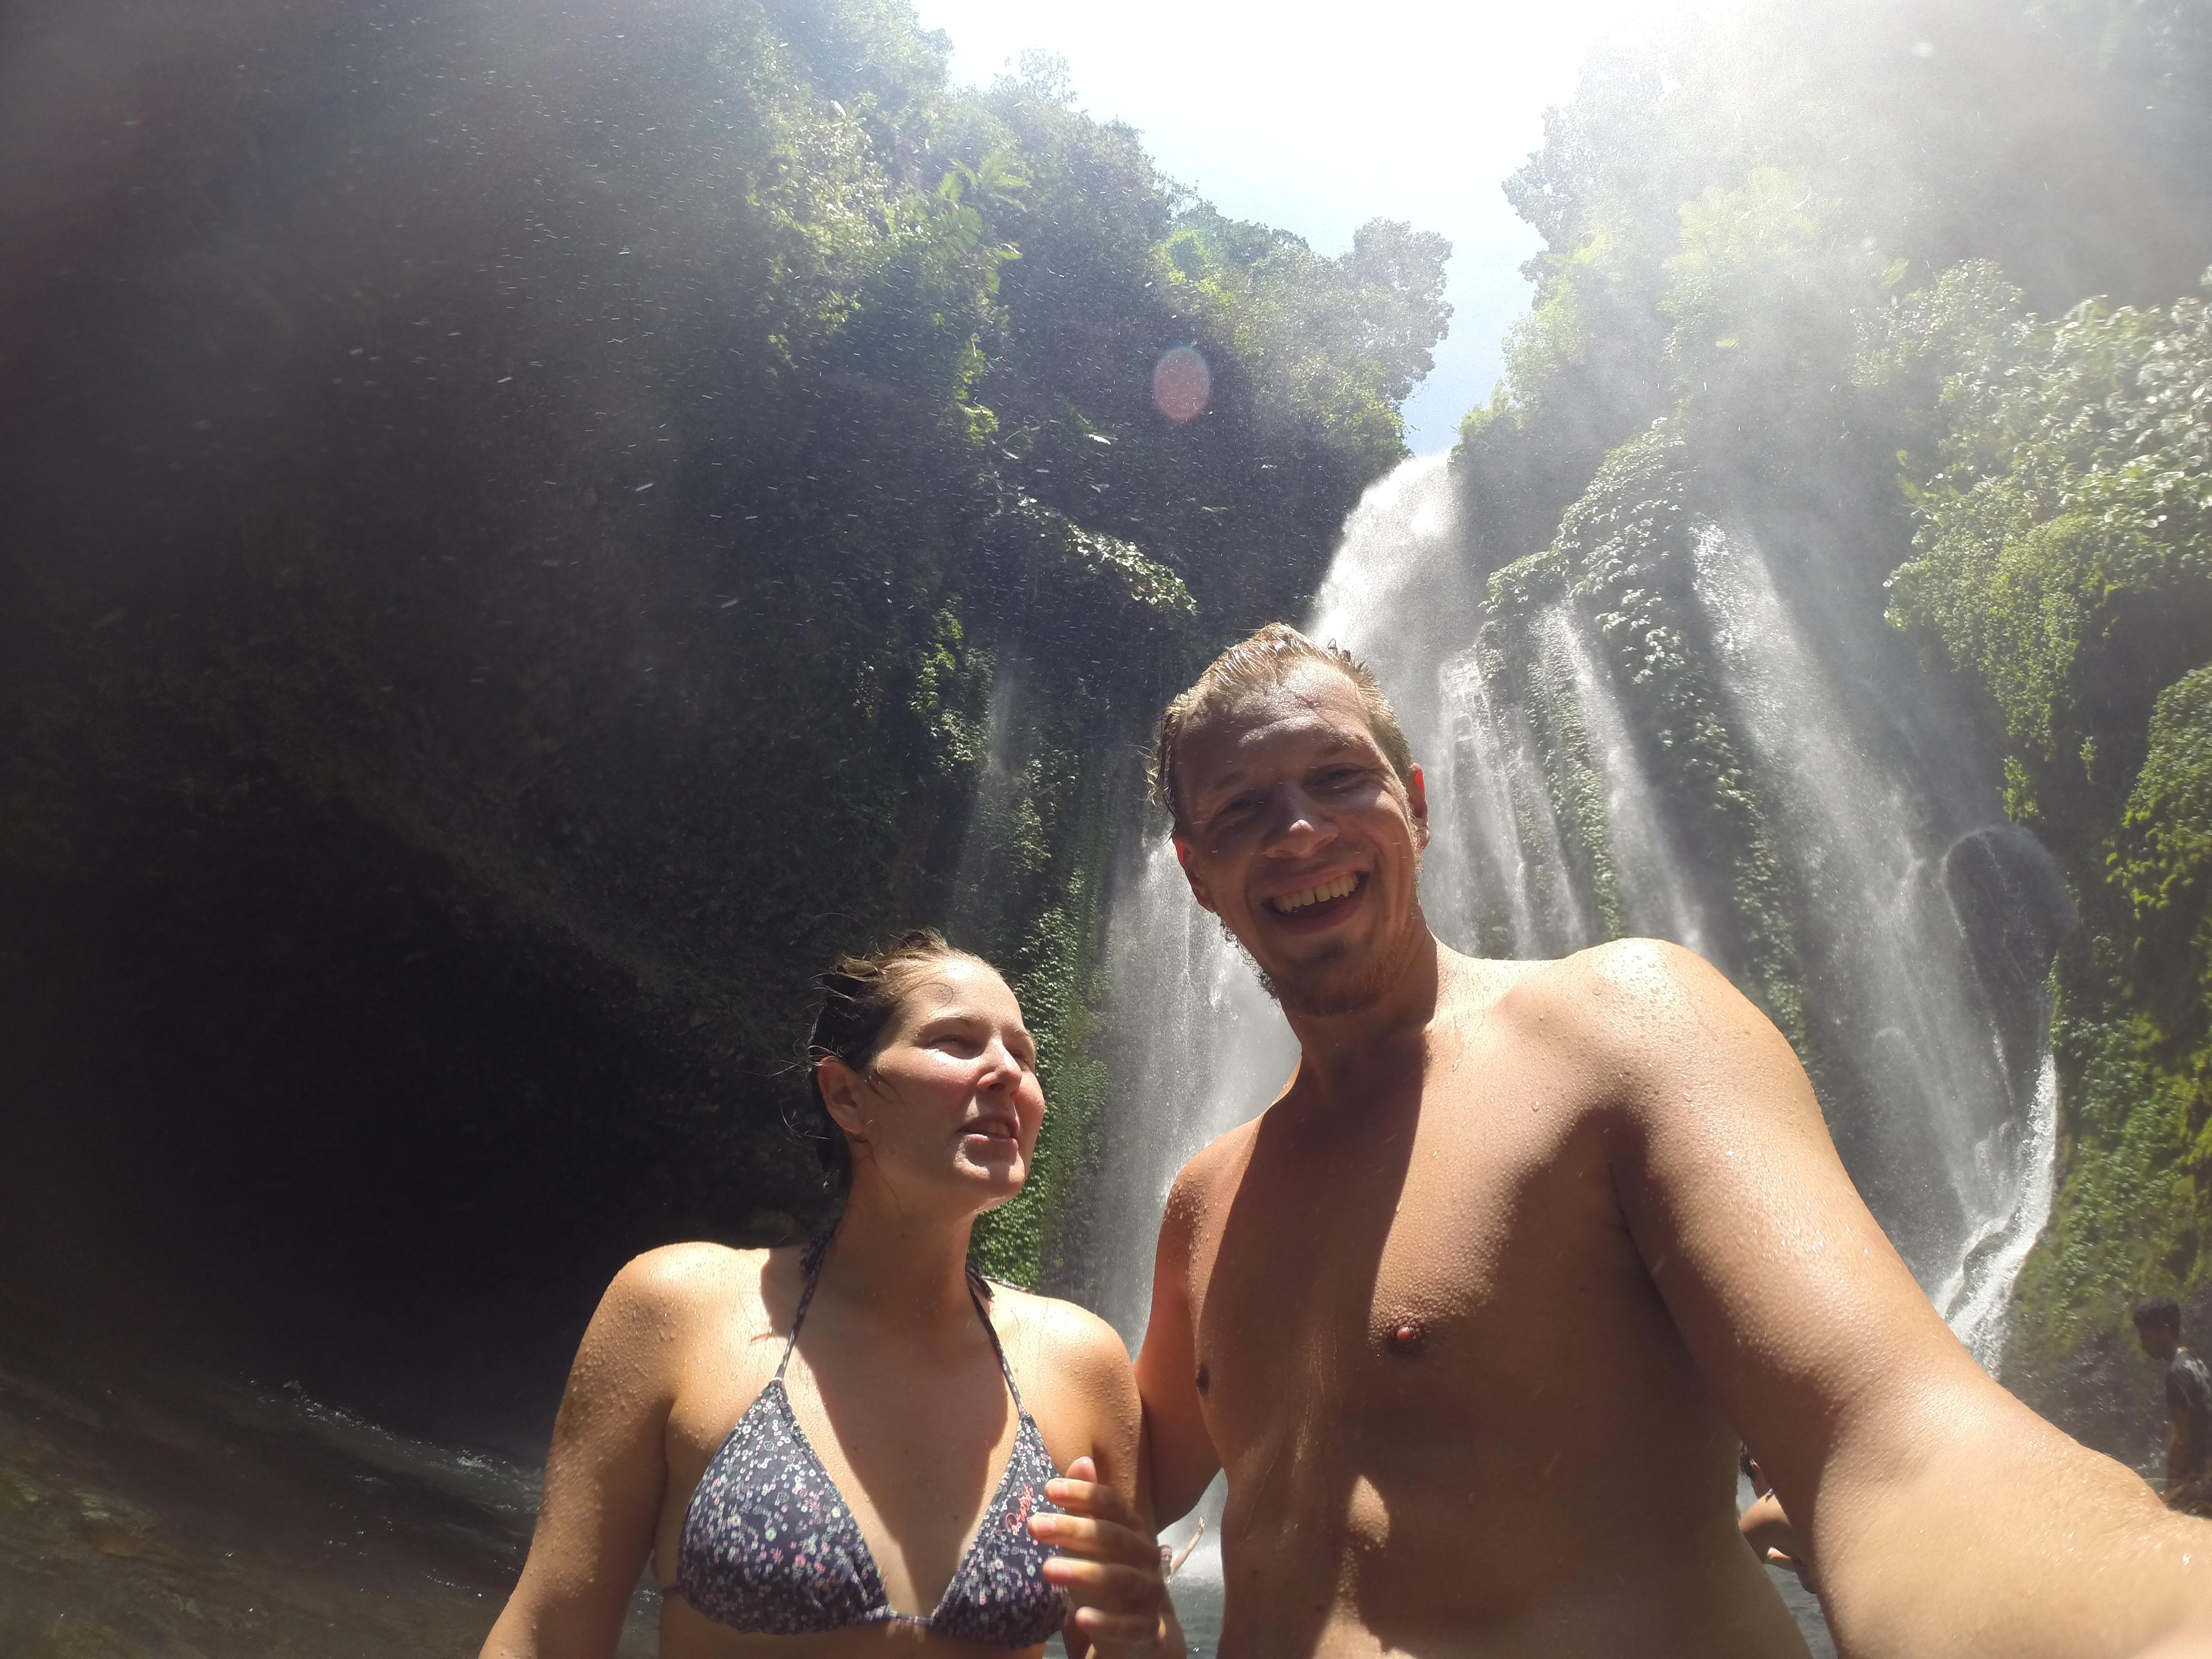 Wartete der Wasserfall auf uns.